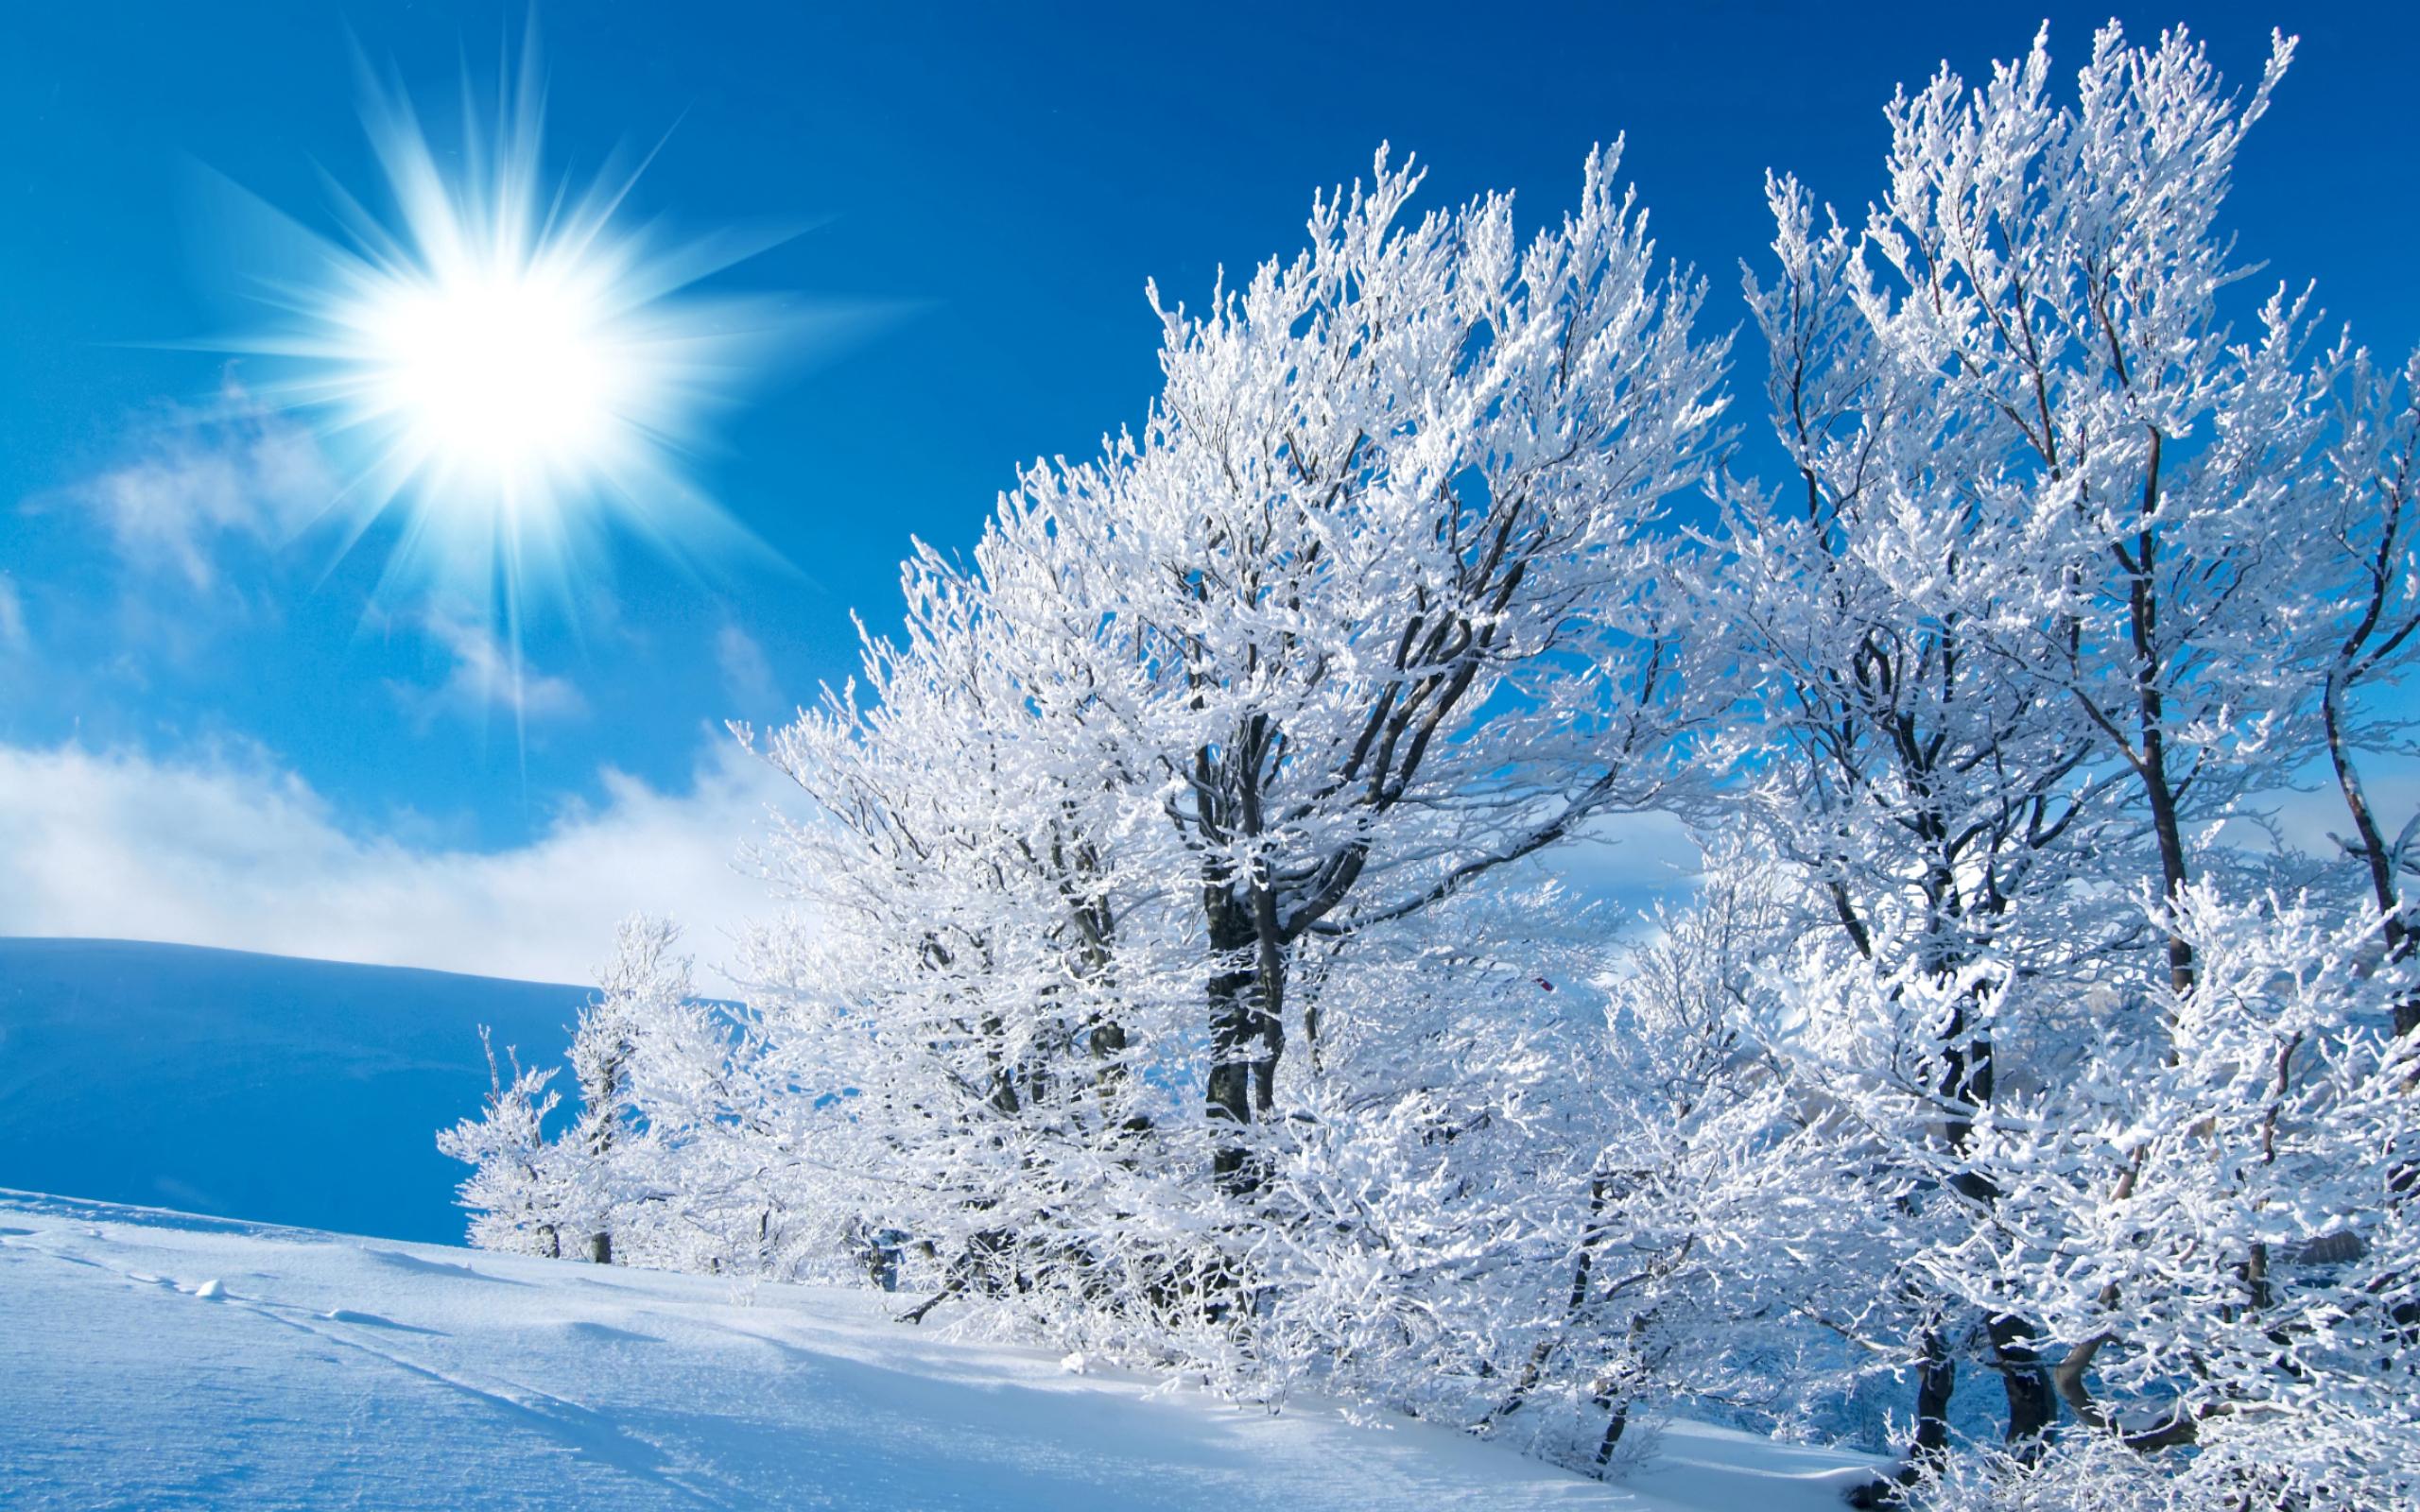 Winter Scenes for Desktop Wallpapers 2560x1600